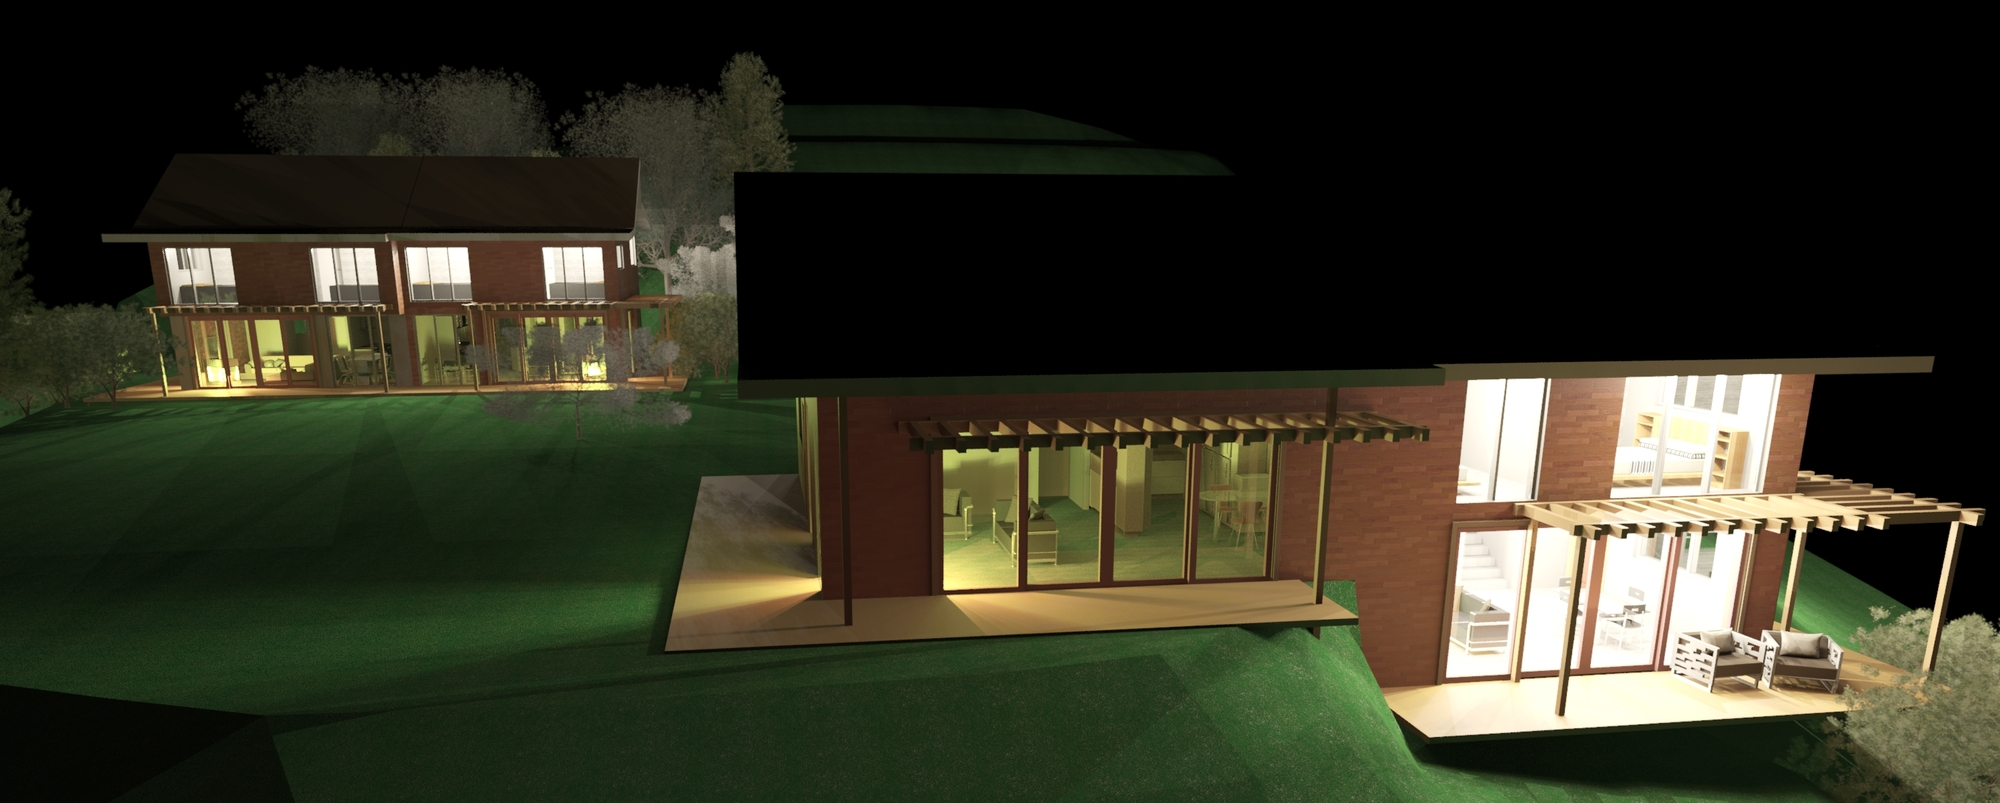 Raas-rendering20141027-591-1m1ysur